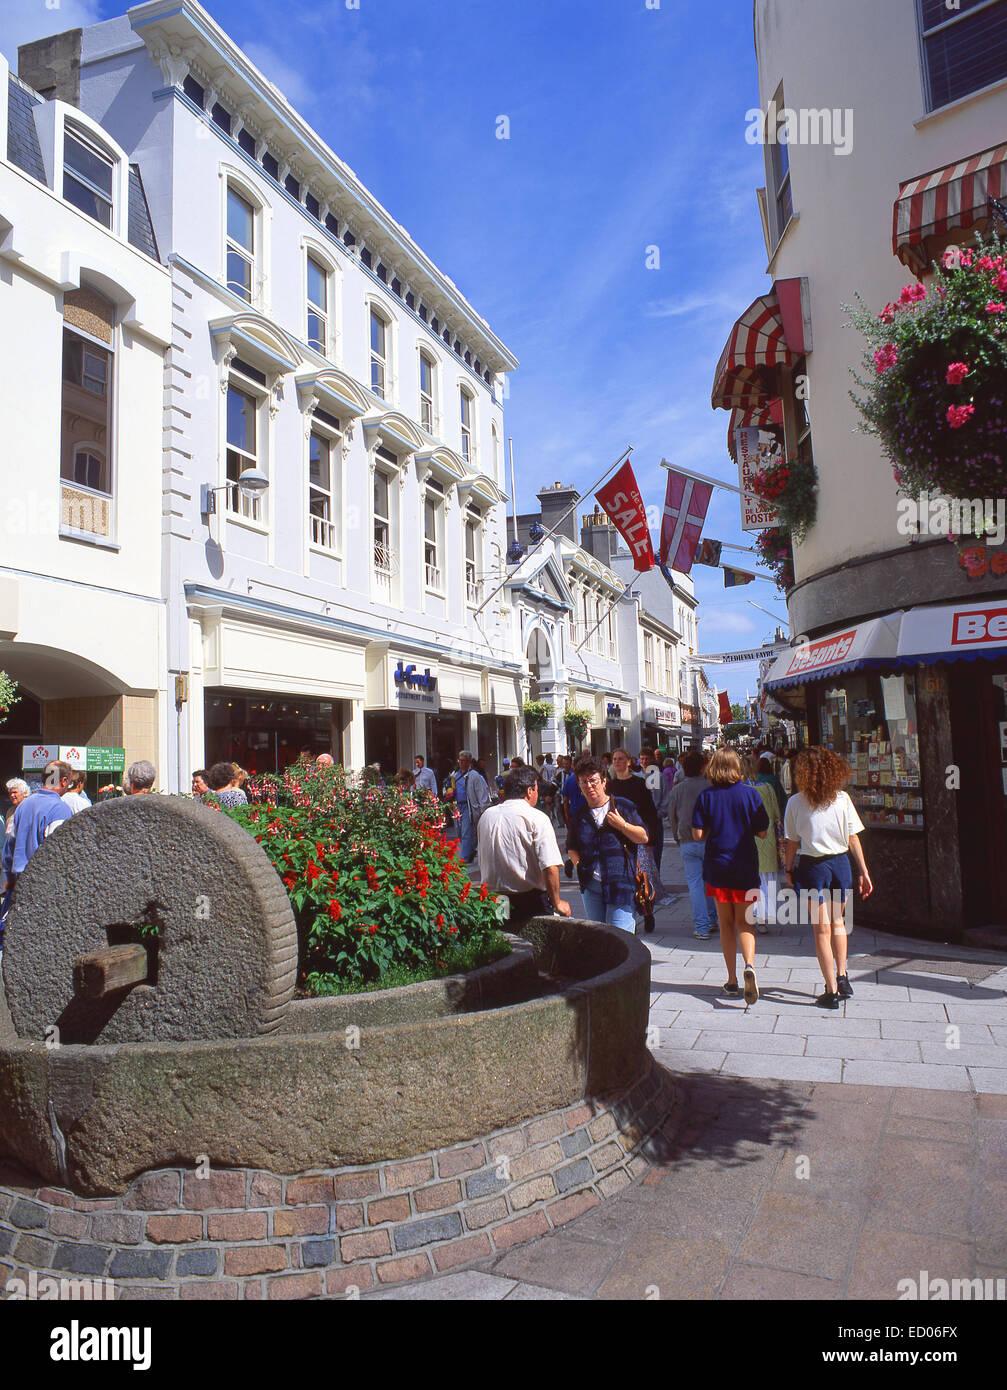 Pedestrianised King Street, St Helier, Saint Helier Parish, Jersey, Channel Islands - Stock Image